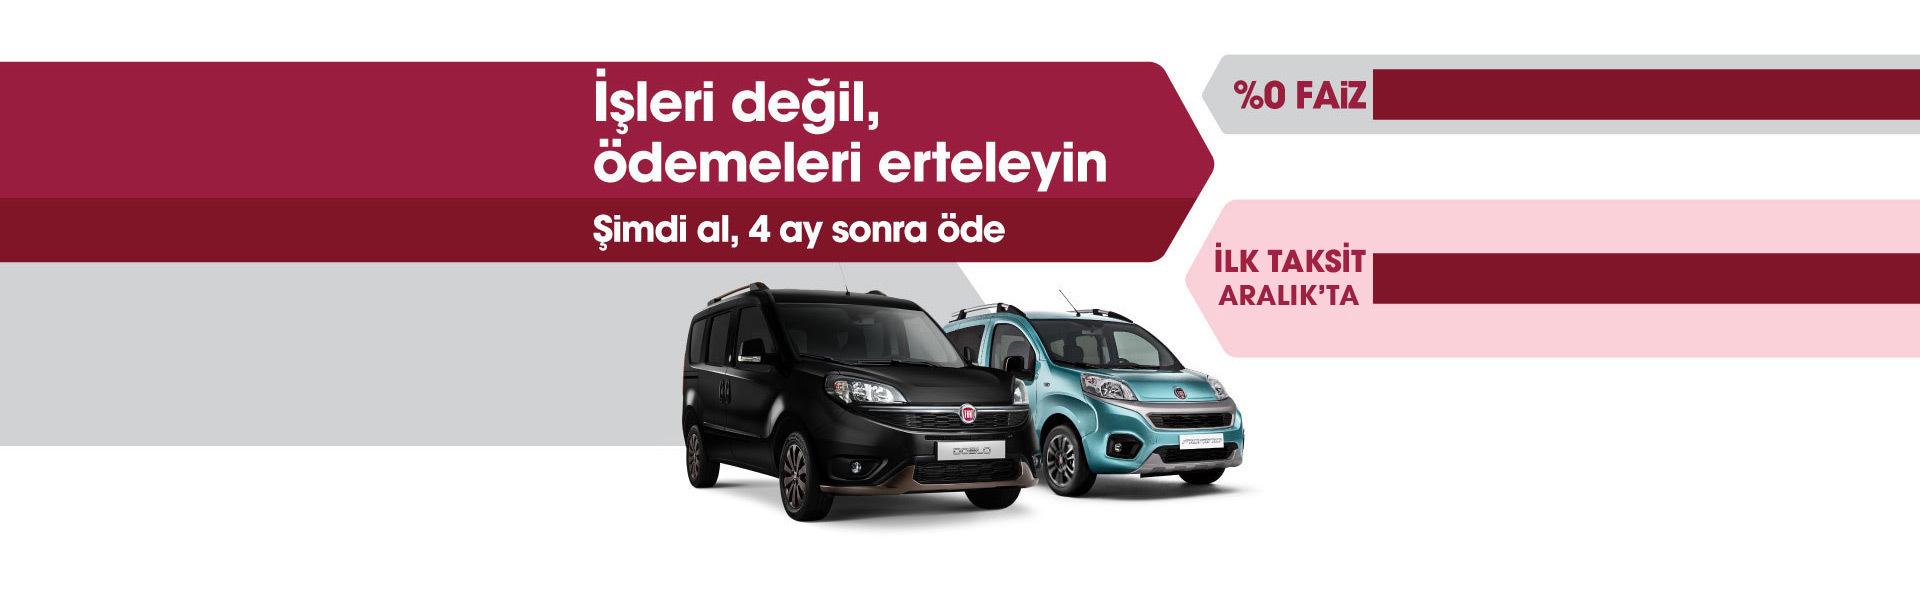 Fiat Ticari Araç Doblo Kampanyası